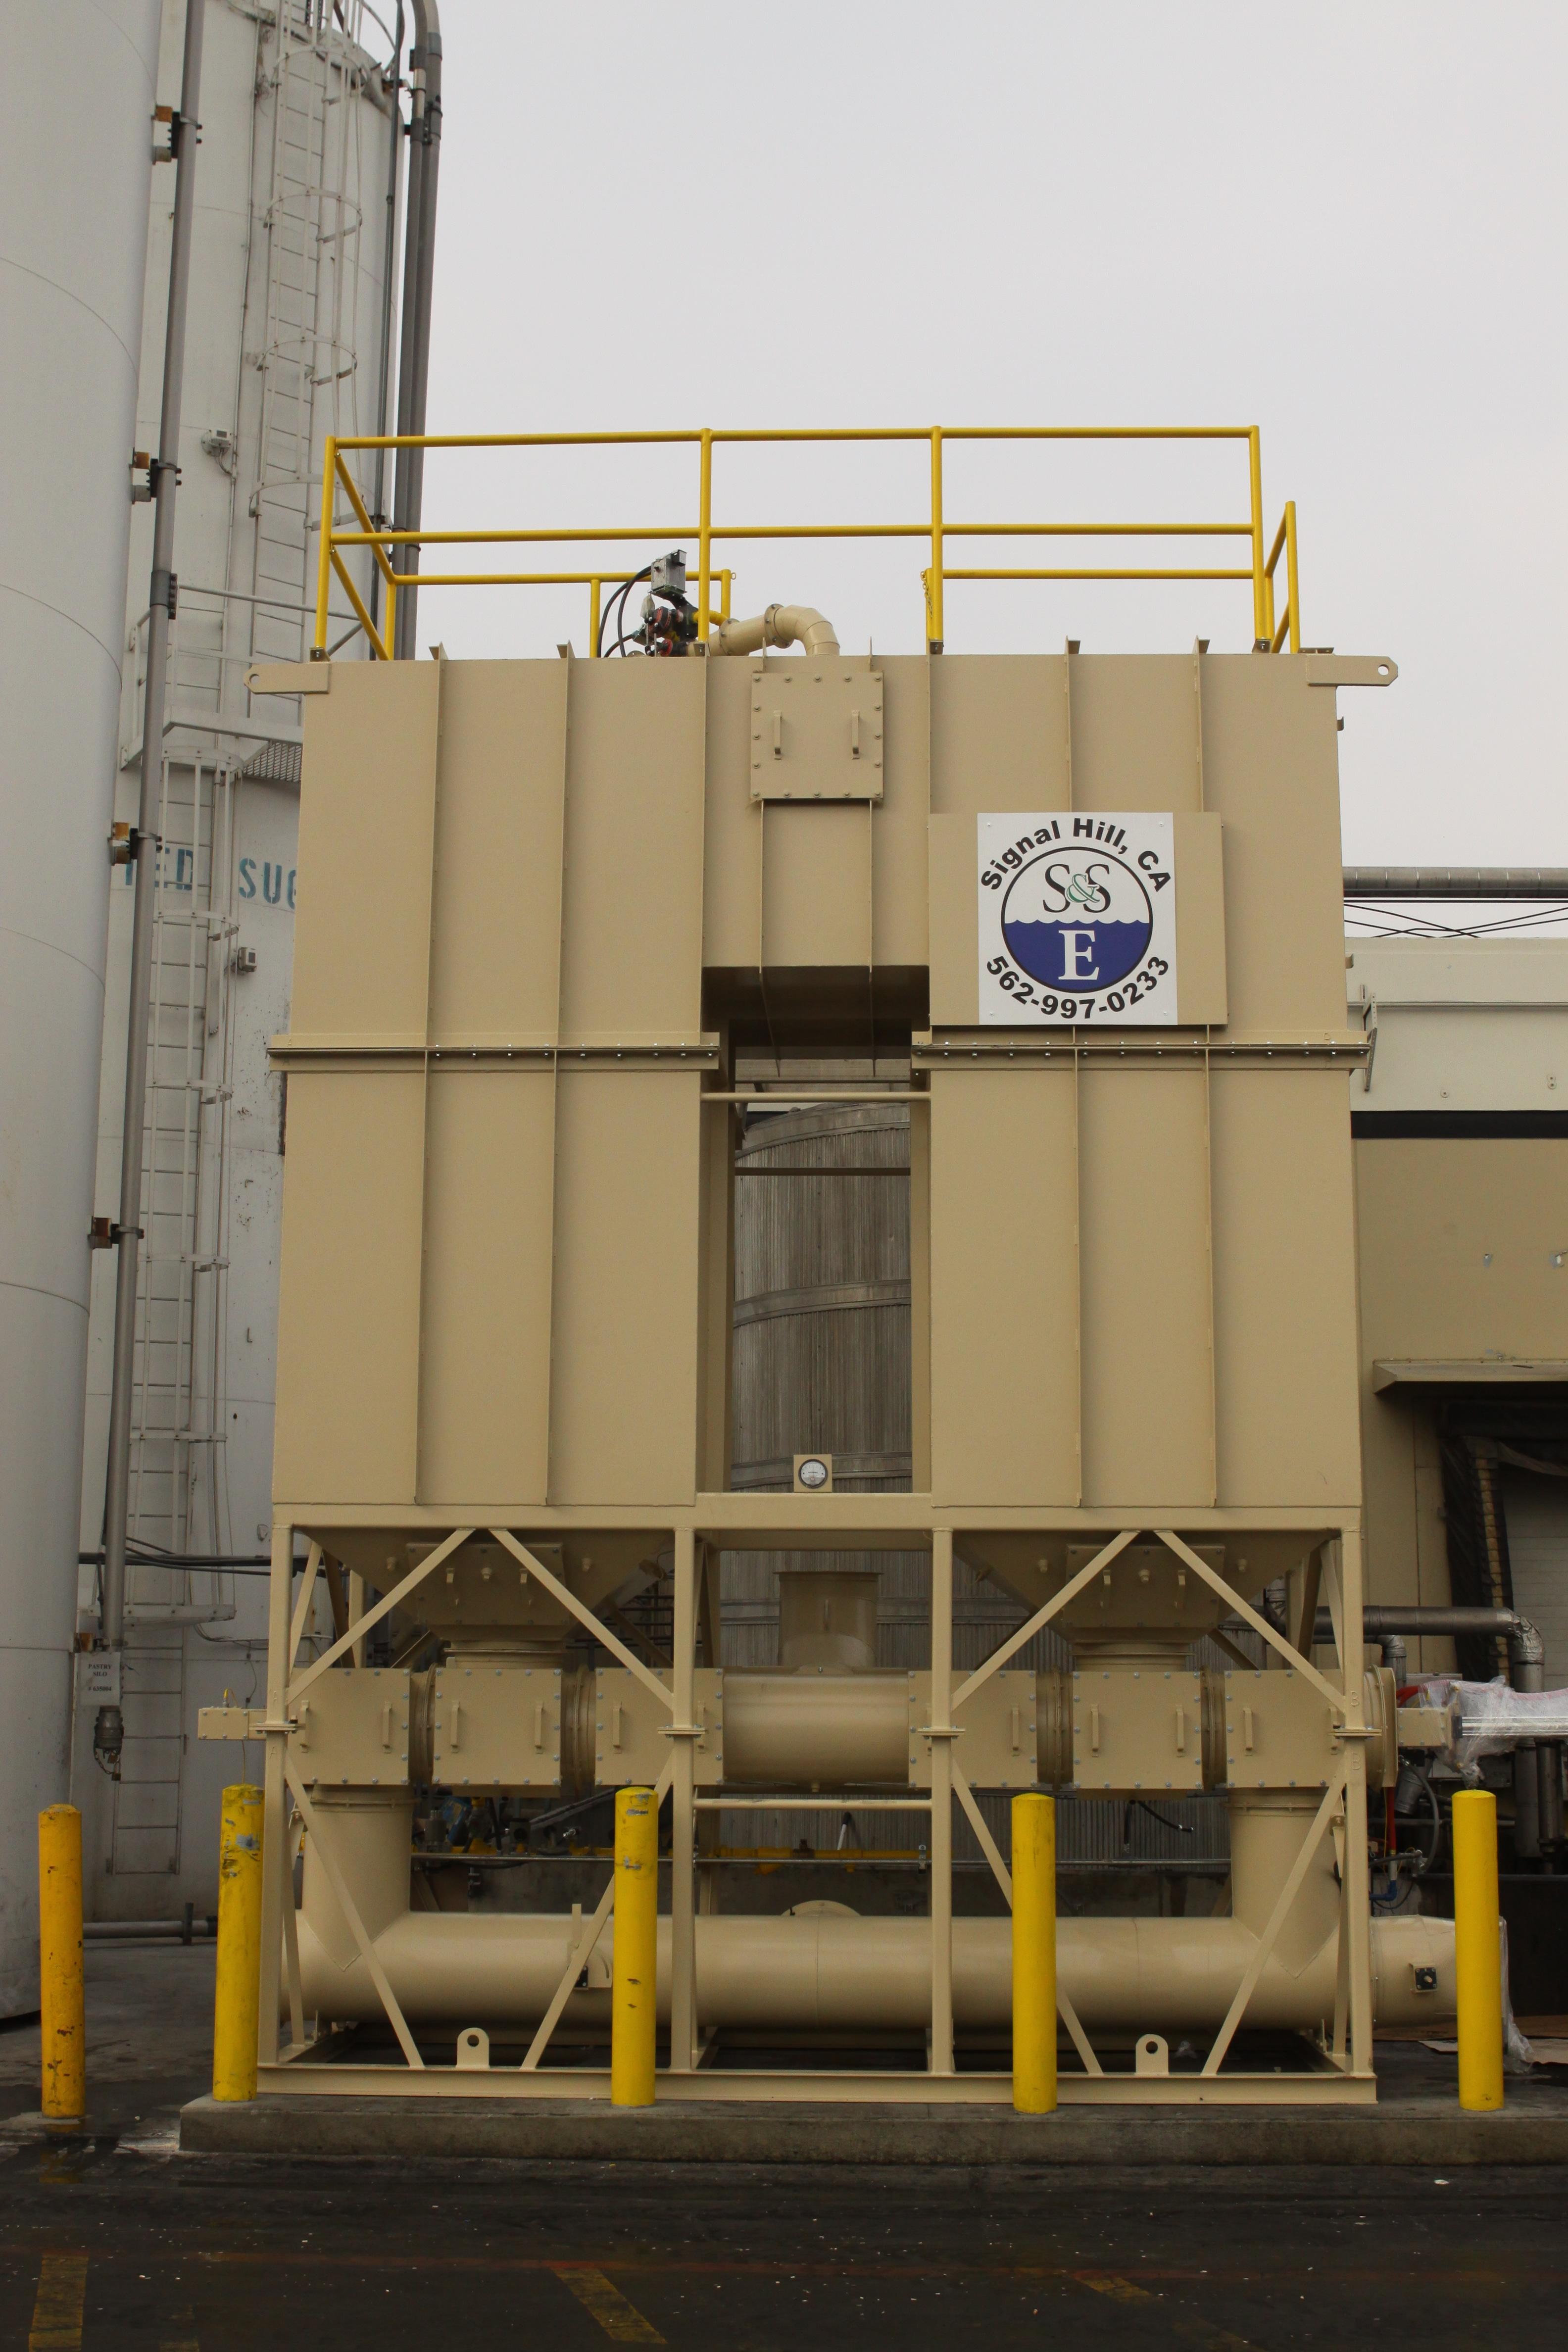 Regenerative Thermal Oxidizer for Food Manufacturing - 5,000 SCFM